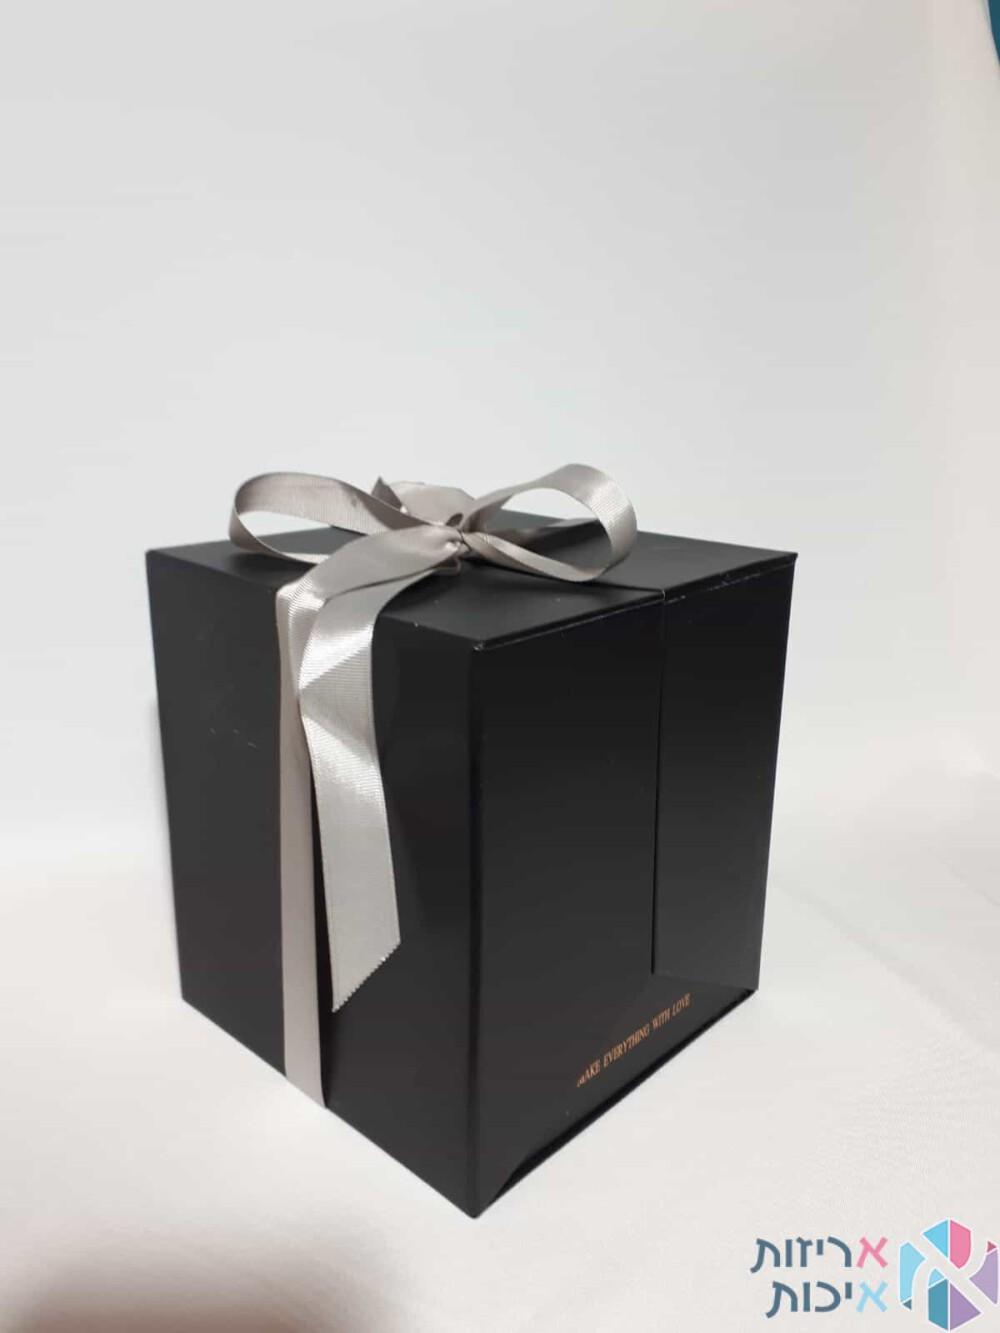 קופסאות לפרחים - קופסאות הפתעה נפתחות עם סרט סאטן בצבע שחור